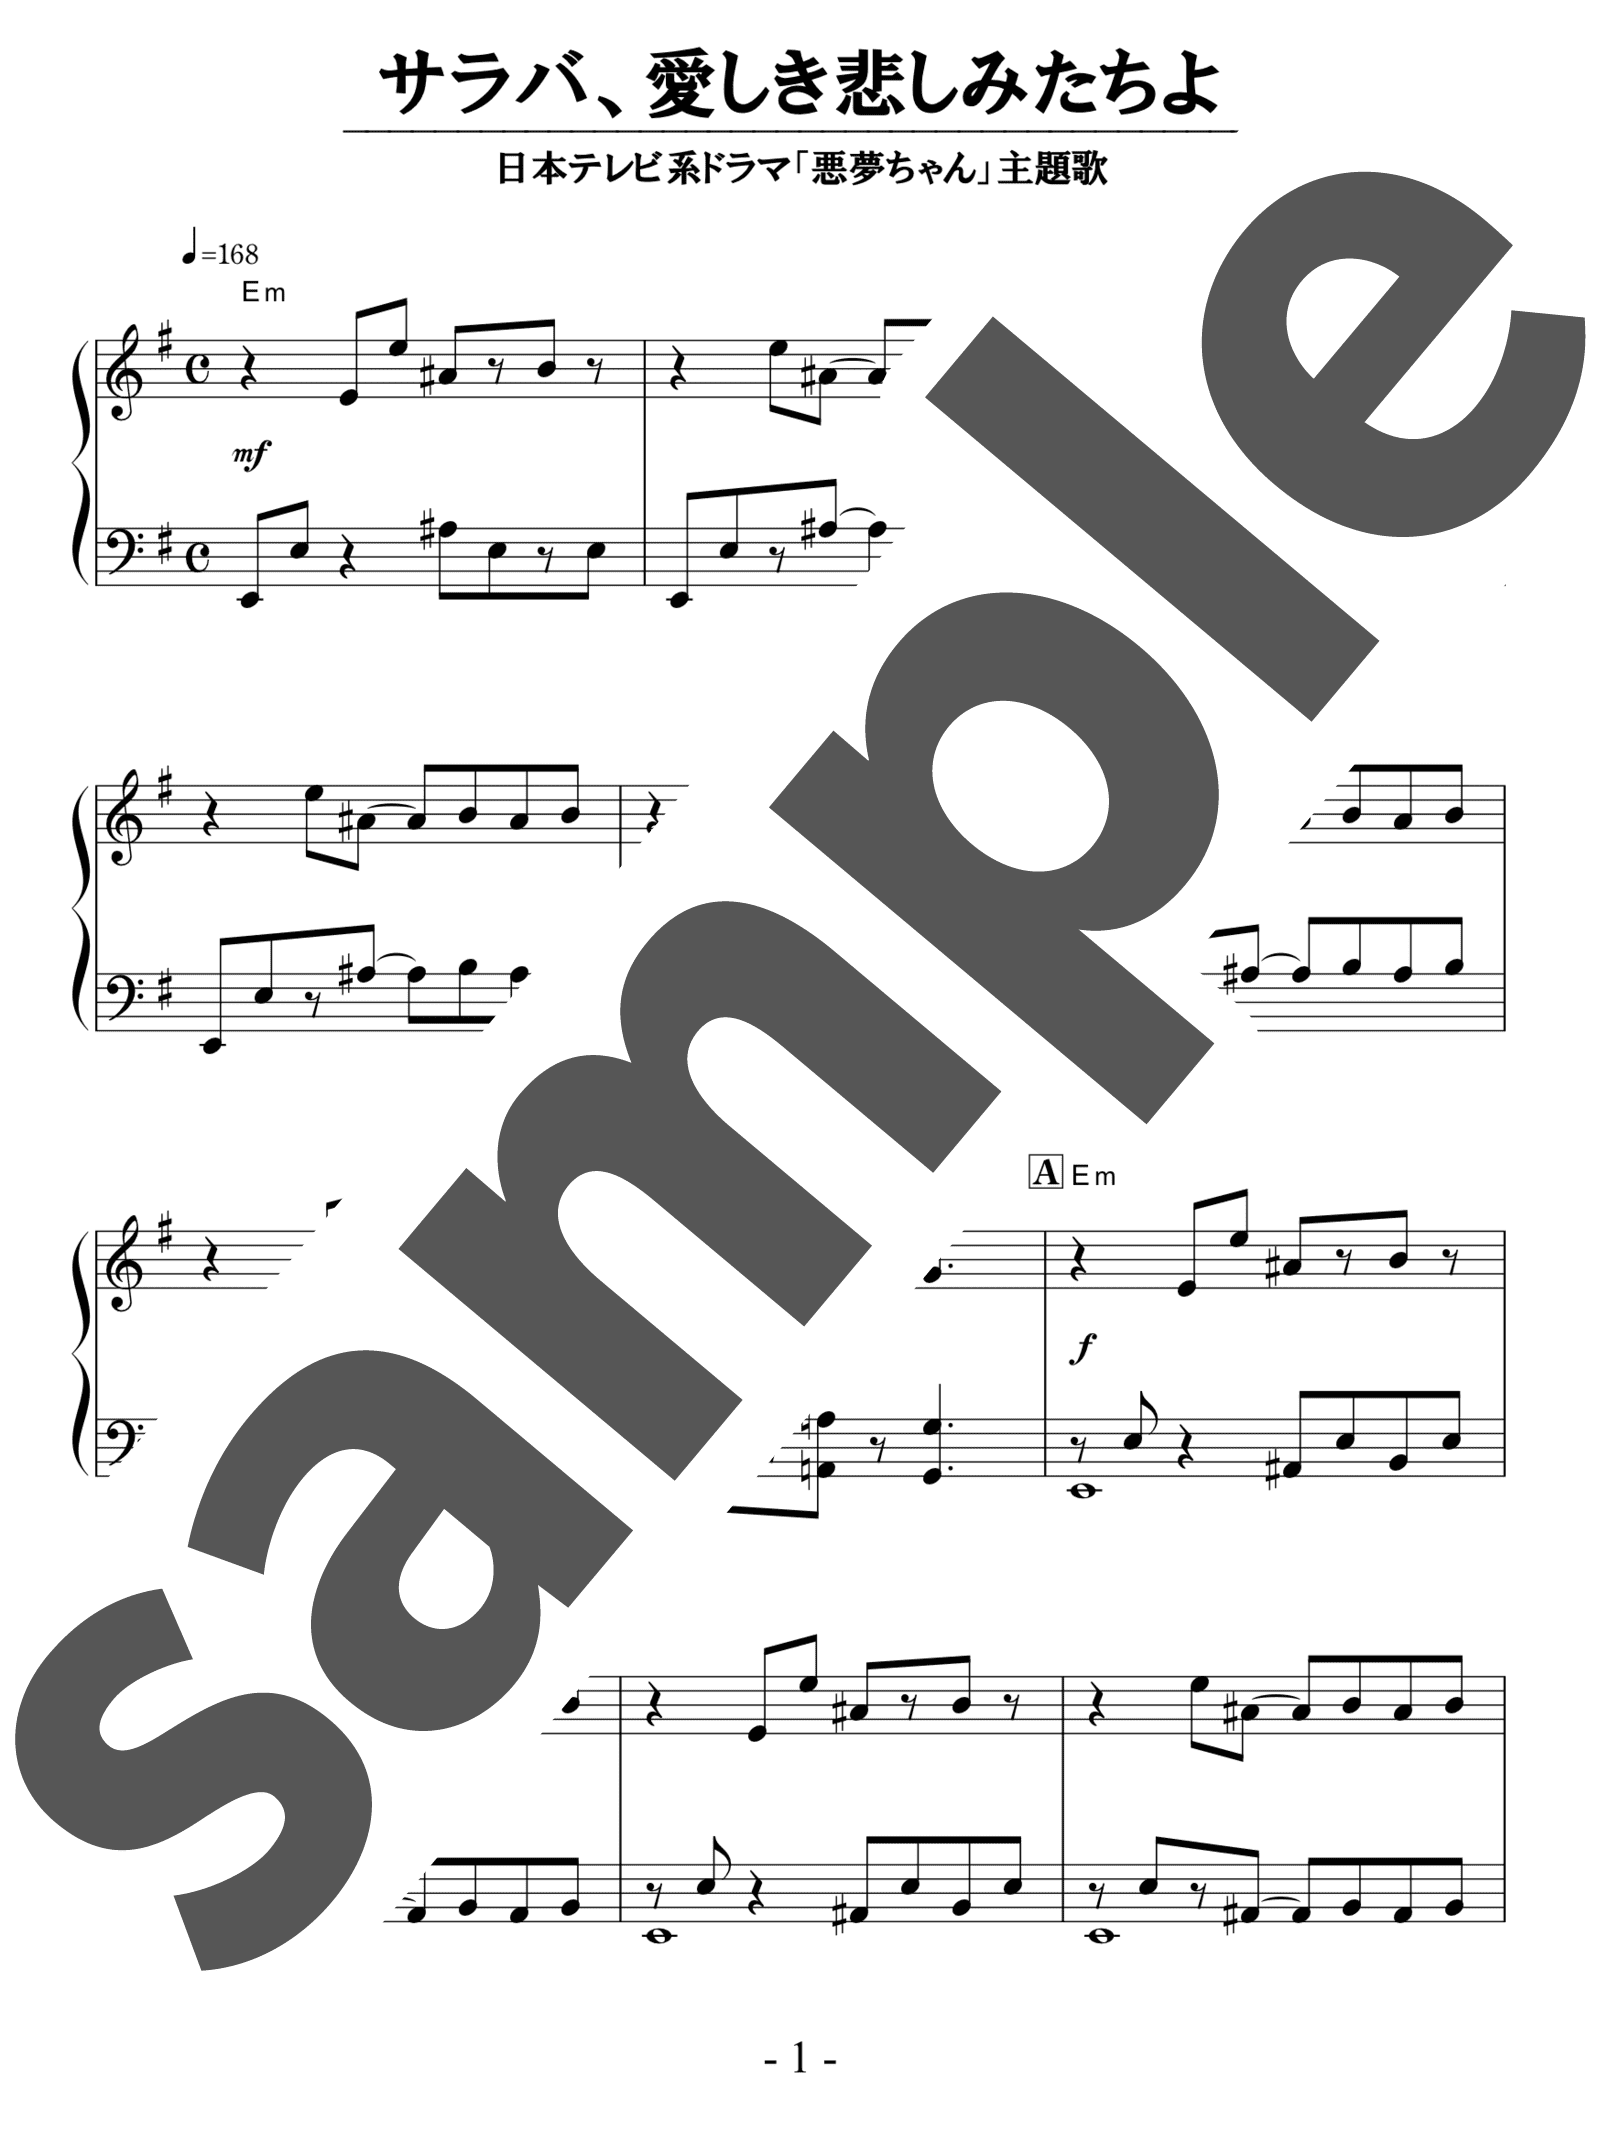 「サラバ、愛しき悲しみたちよ」のサンプル楽譜